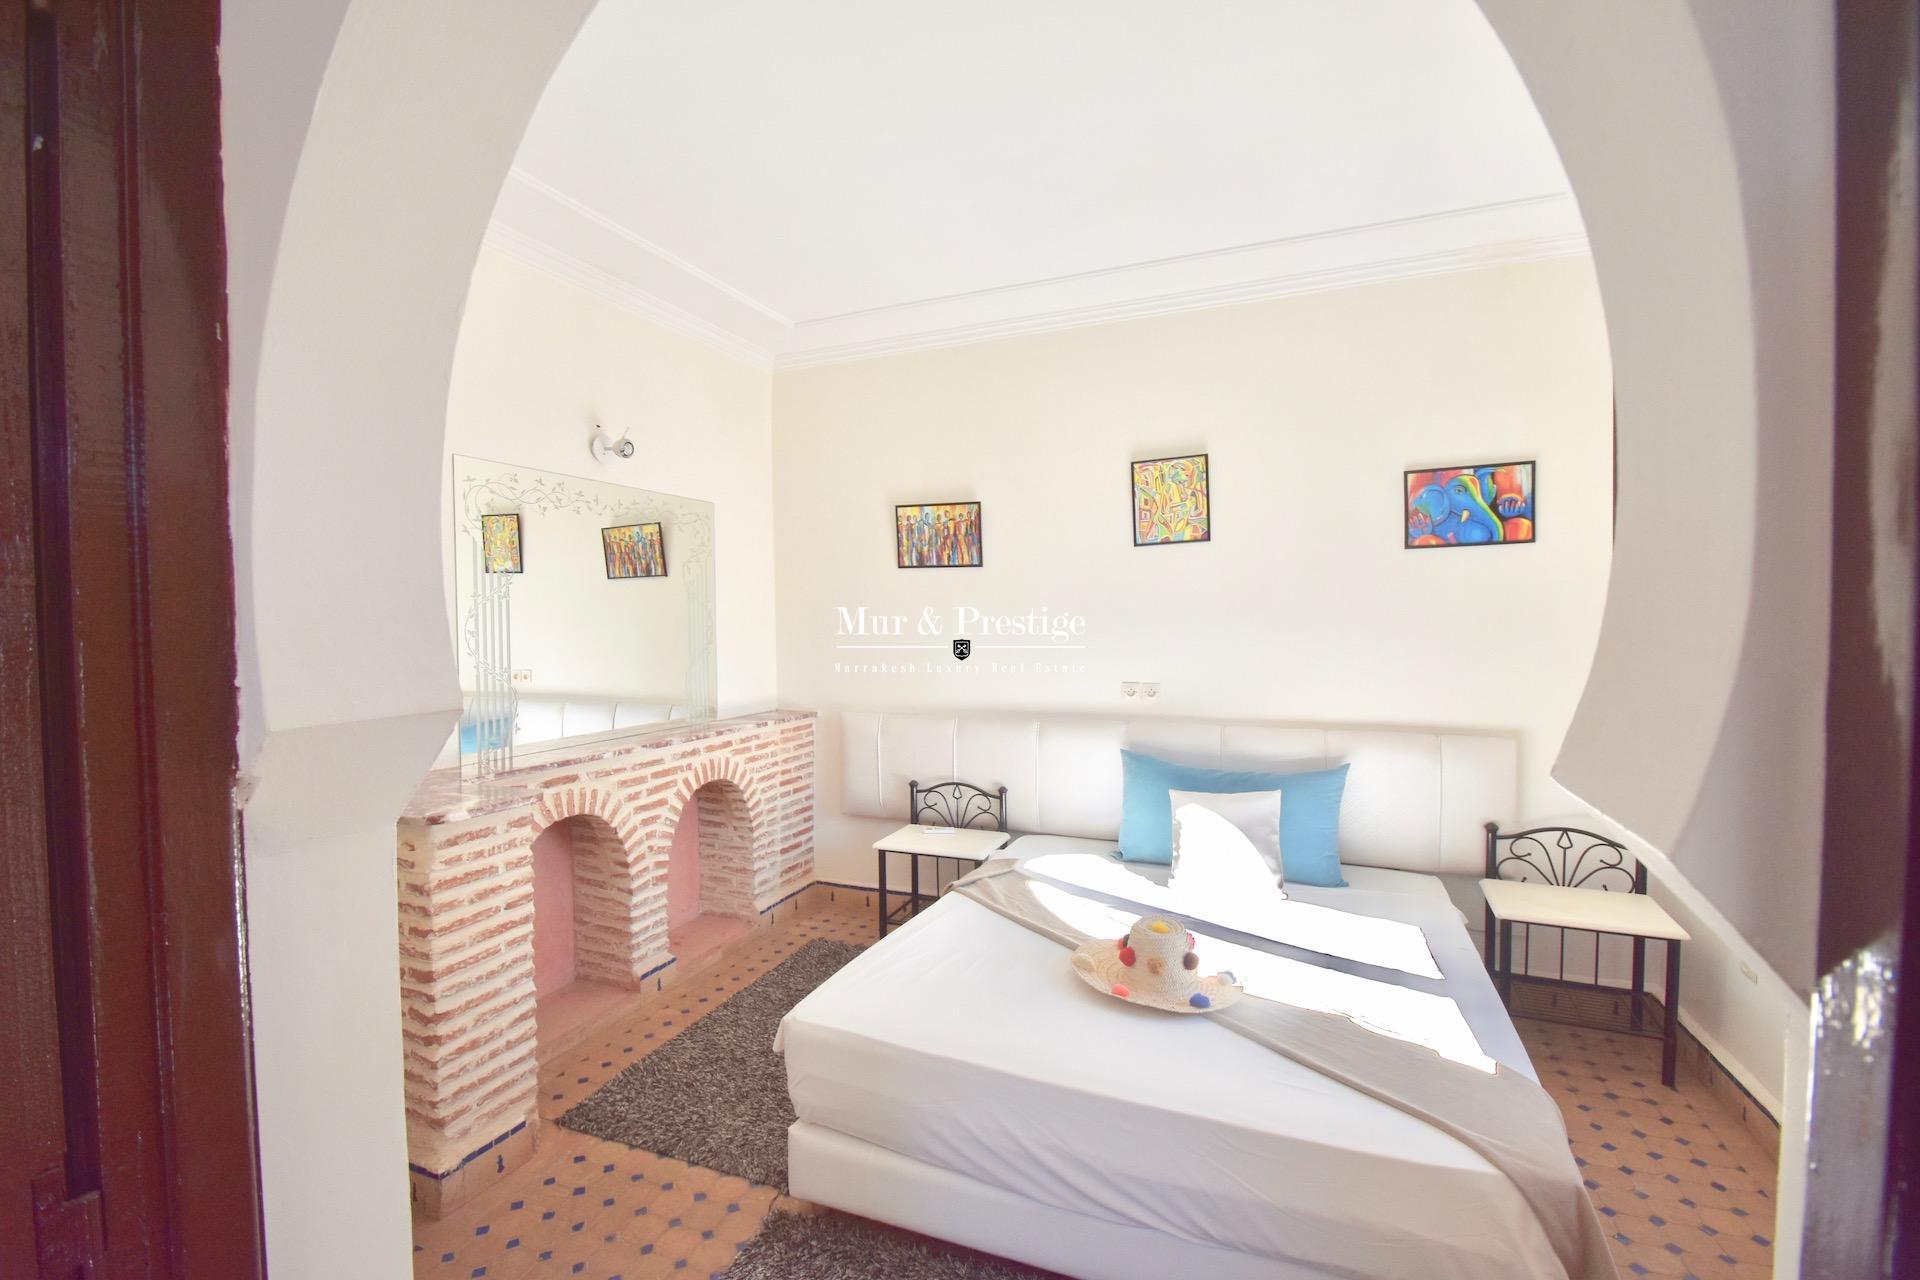 Appart-Hôtel de 18 chambres à vendre au centre-ville de Marrakech